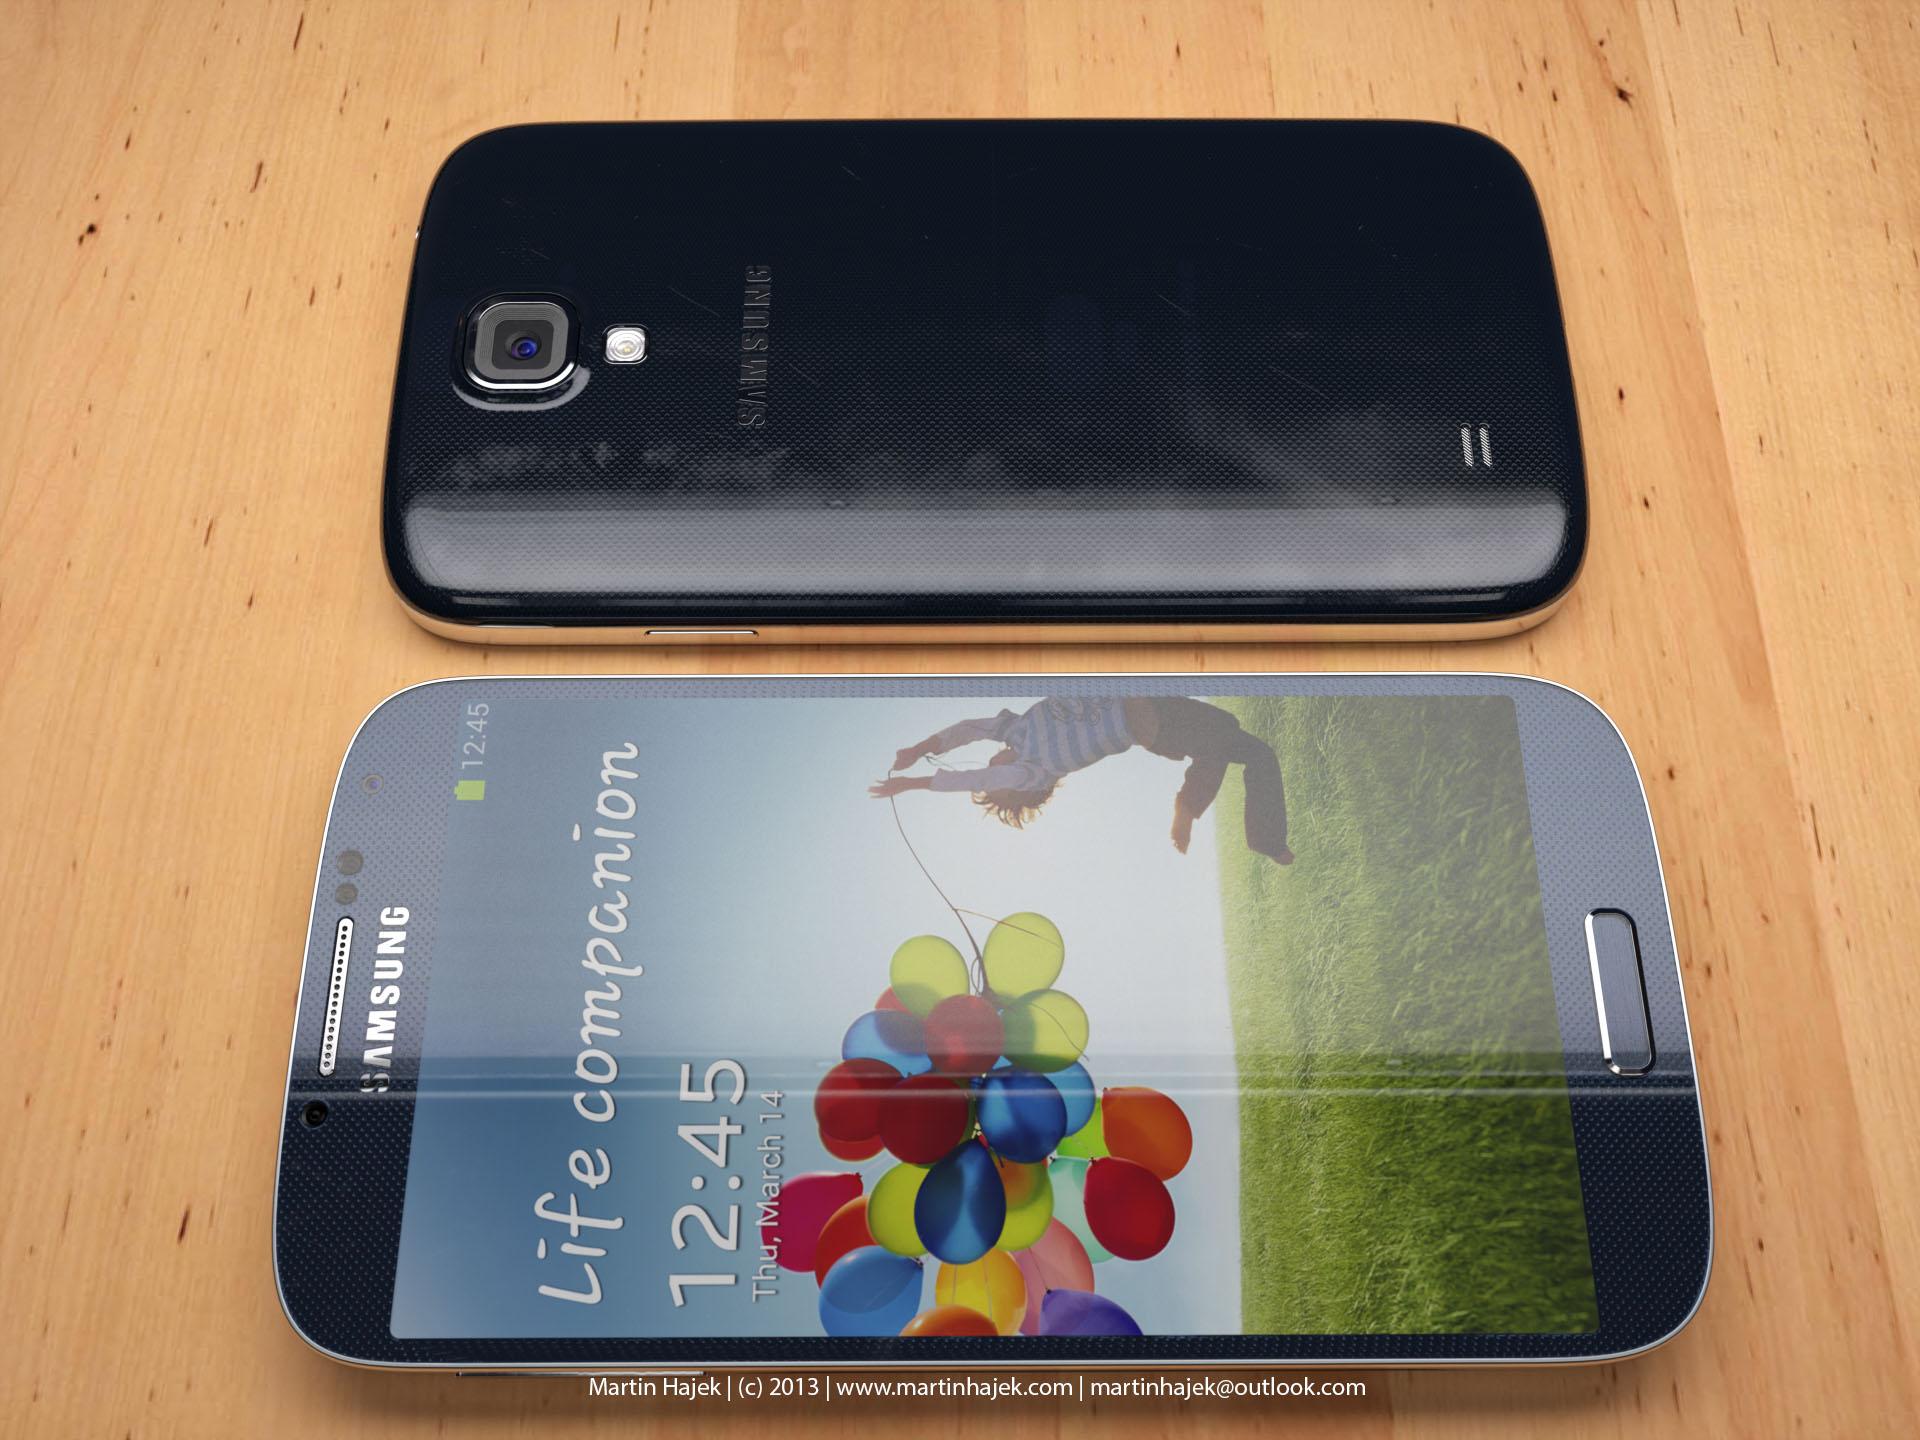 Già 10 milioni di preordini per Galaxy S4, prevista una versione più piccola ed economica